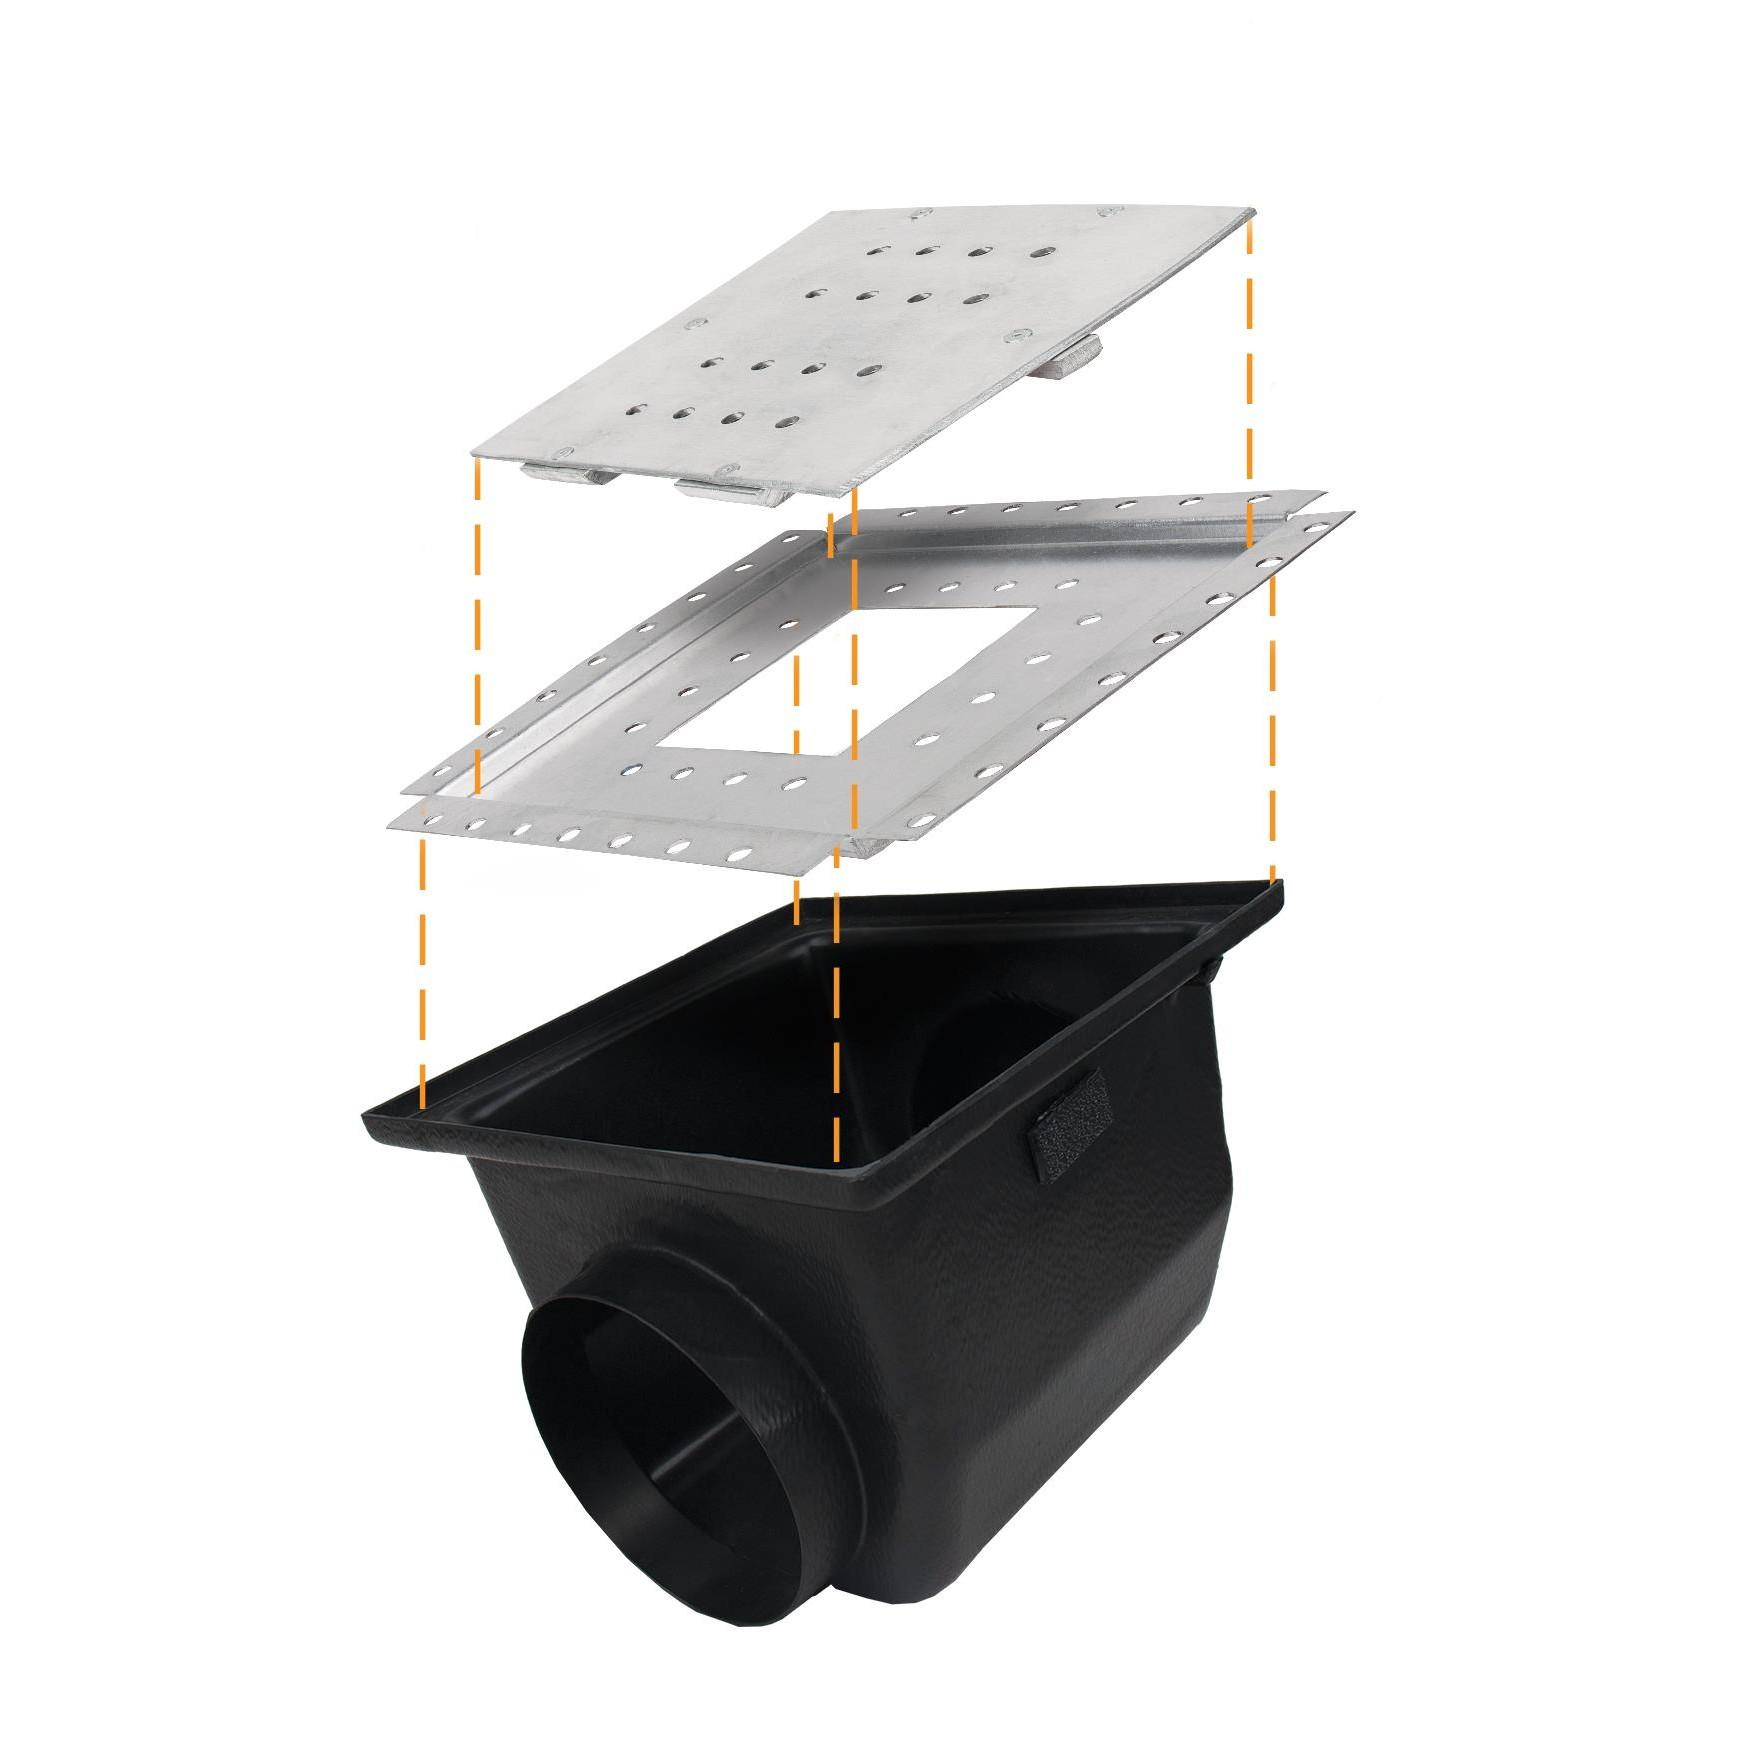 Ralo de Aluminio para Piso Linear Oculto 18X18cm - LGMais